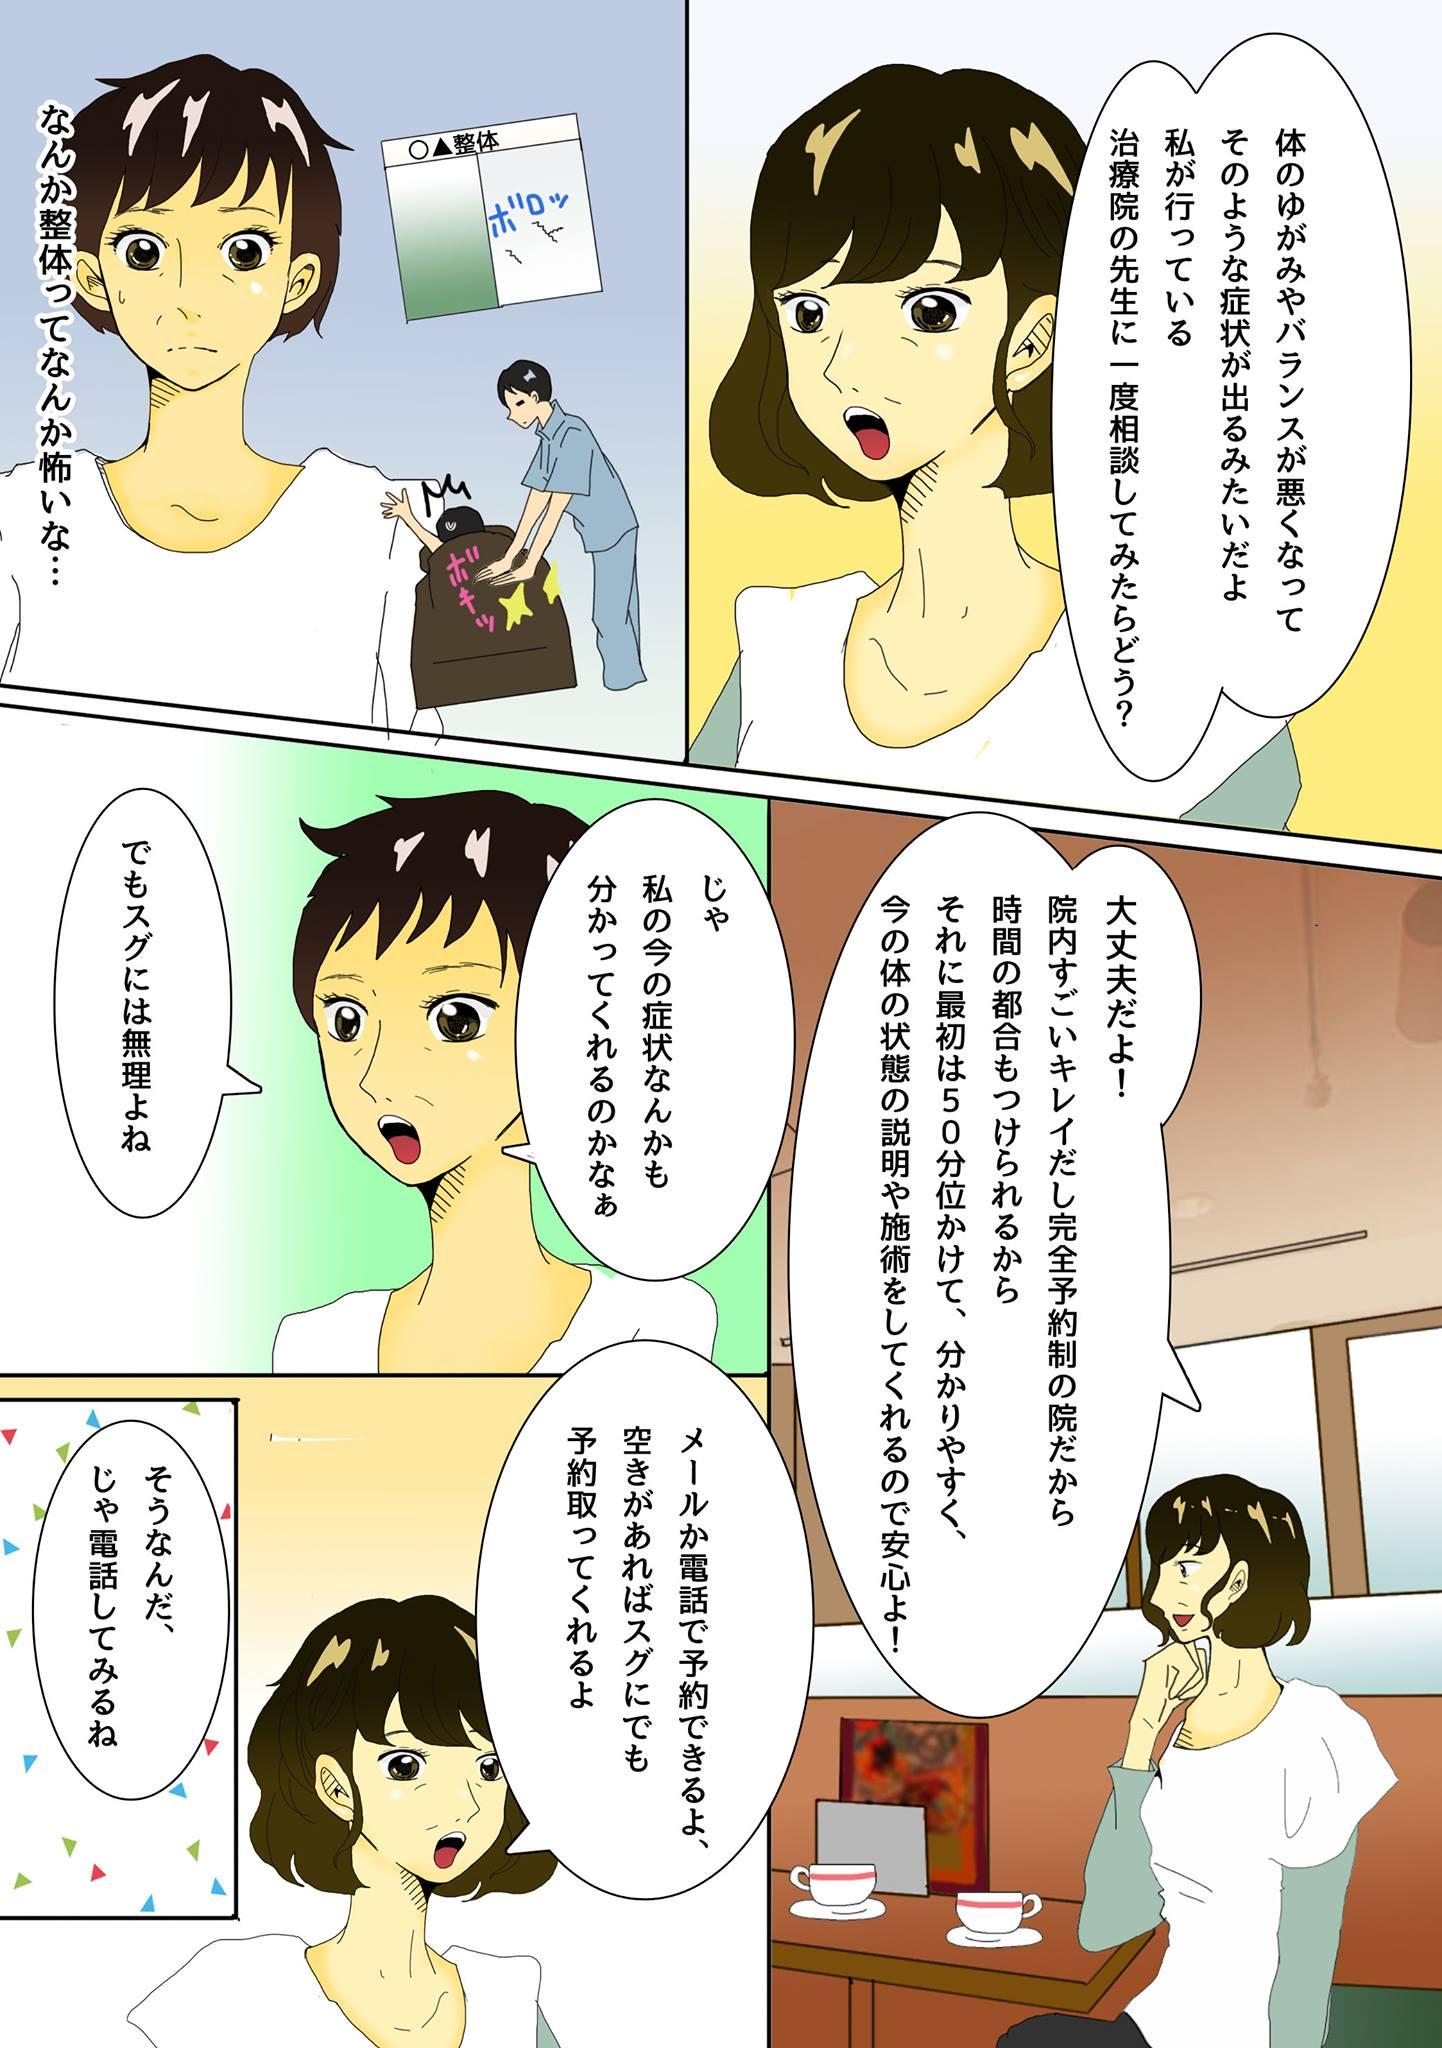 腰痛専門 せがわ接骨院漫画04